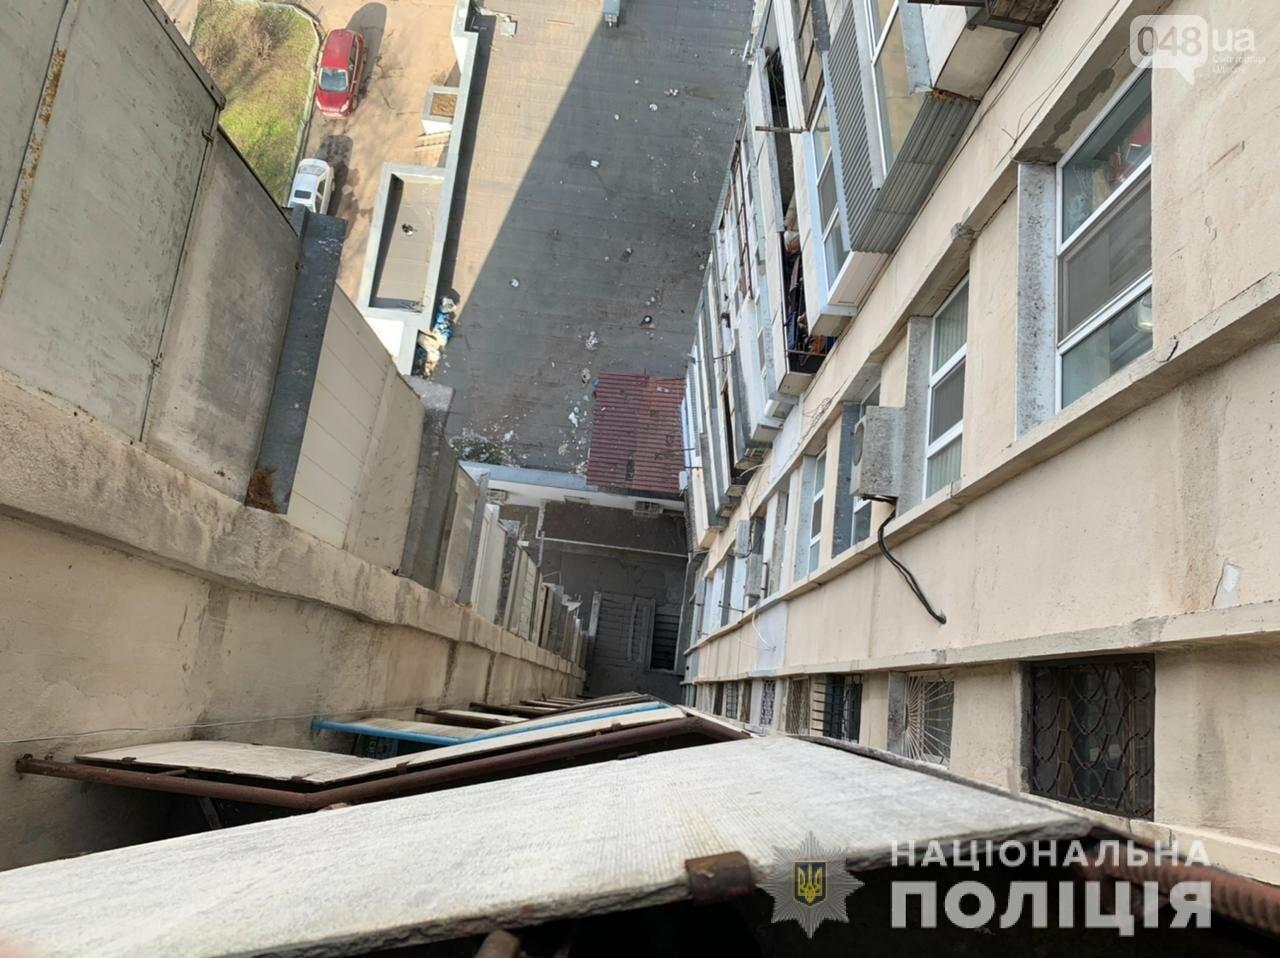 В Одессе 18-летний парень выпрыгнул с балкона на 15 этаже, - ФОТО, фото-2